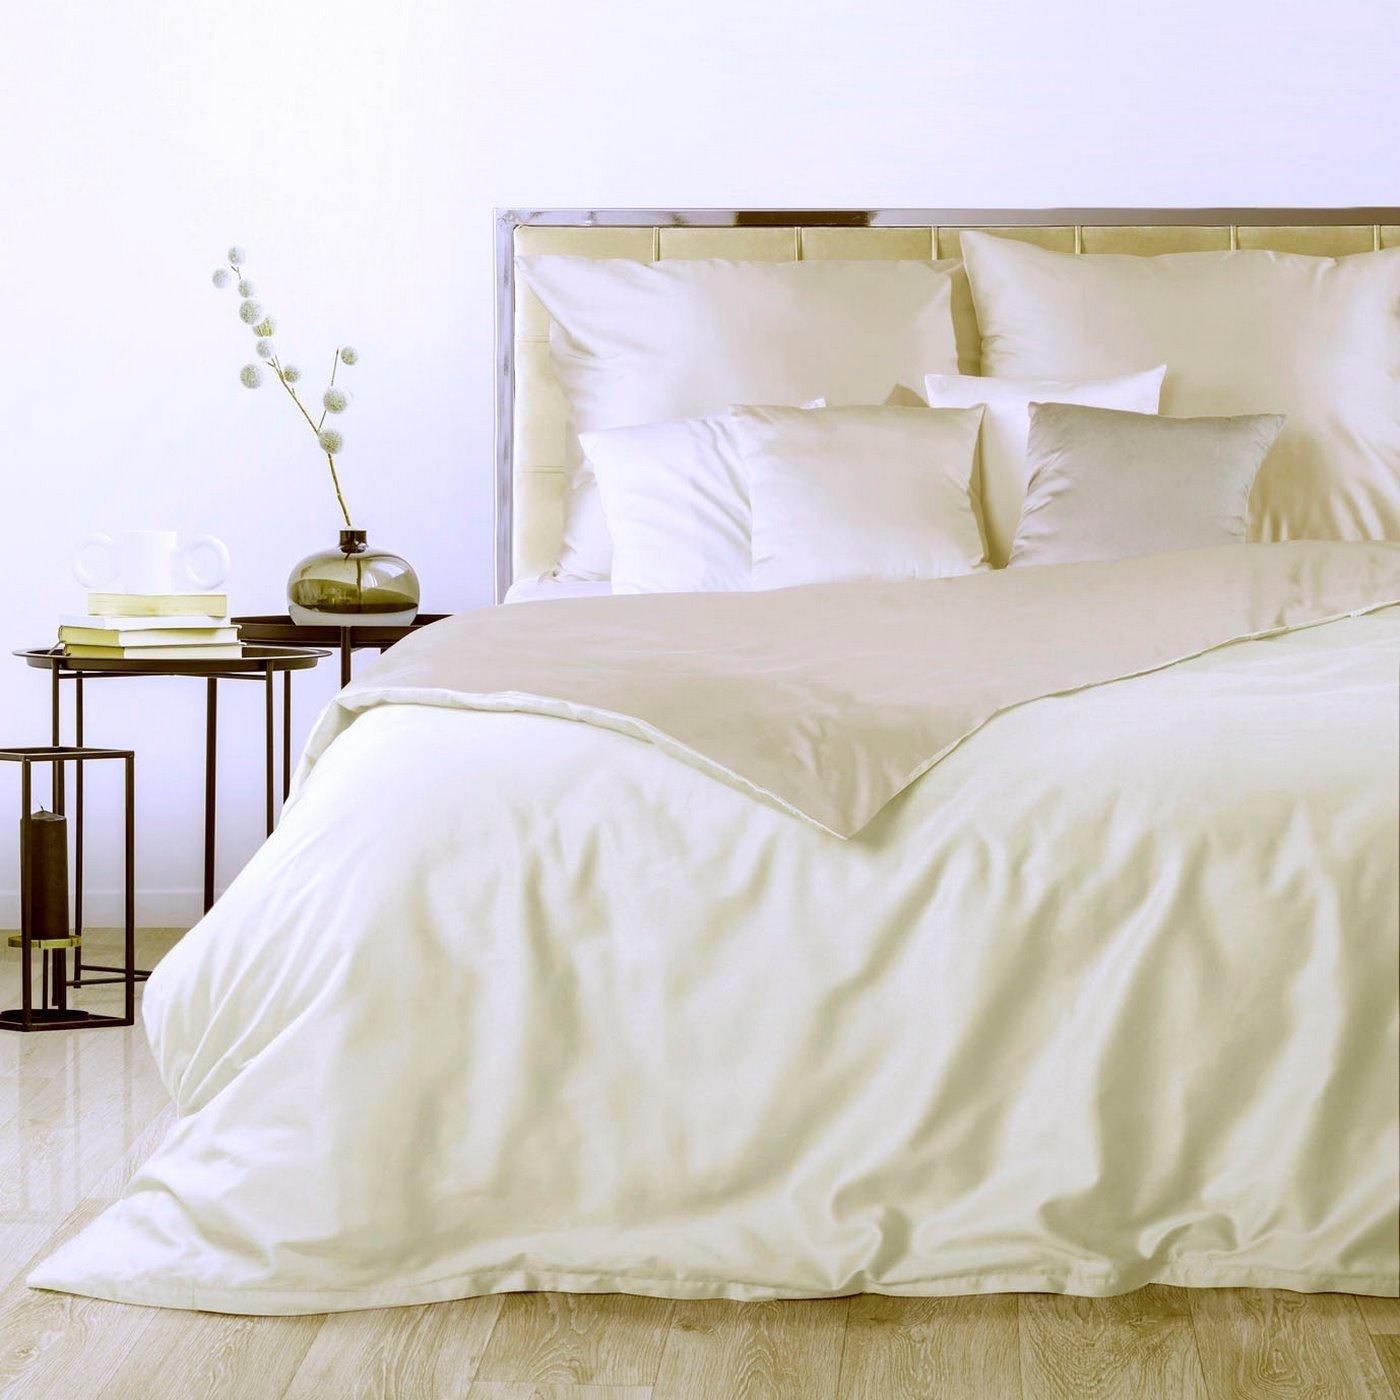 Komplet pościeli z makosatyny bawełnianej 140 x 200 cm, 1szt. 70 x 80 cm, kremowo-beżowy